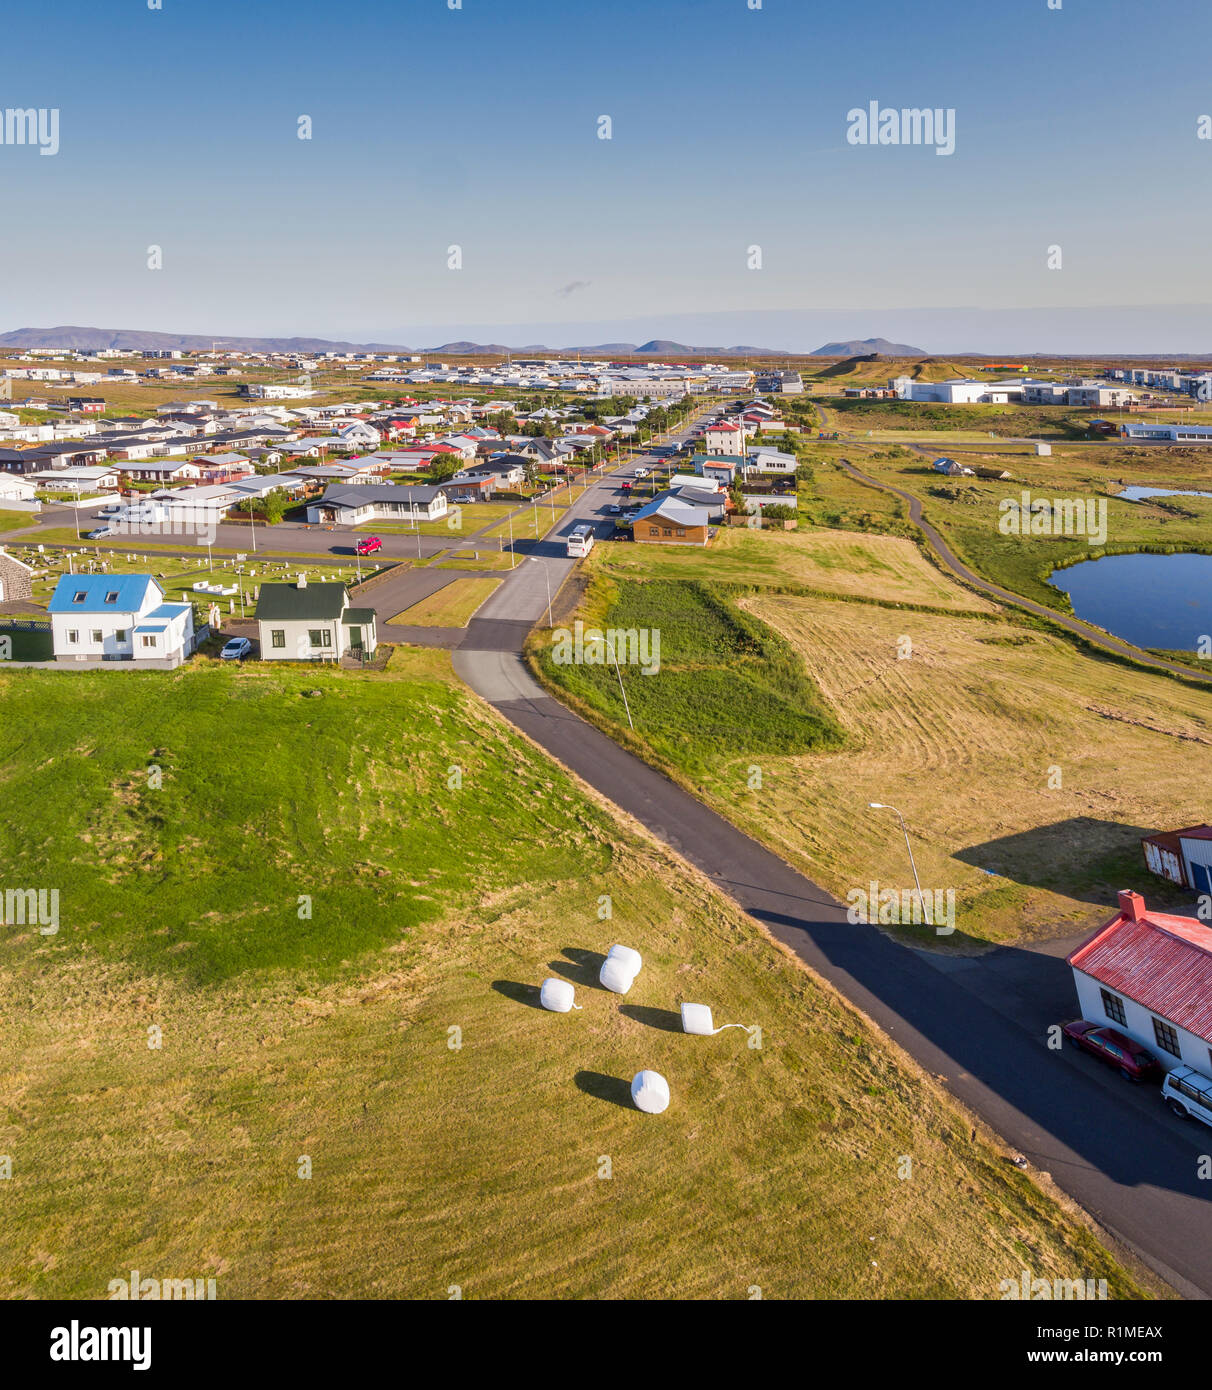 Innri Njadvik, Reykjanes Penisula, Iceland. This image is shot using a drone. - Stock Image